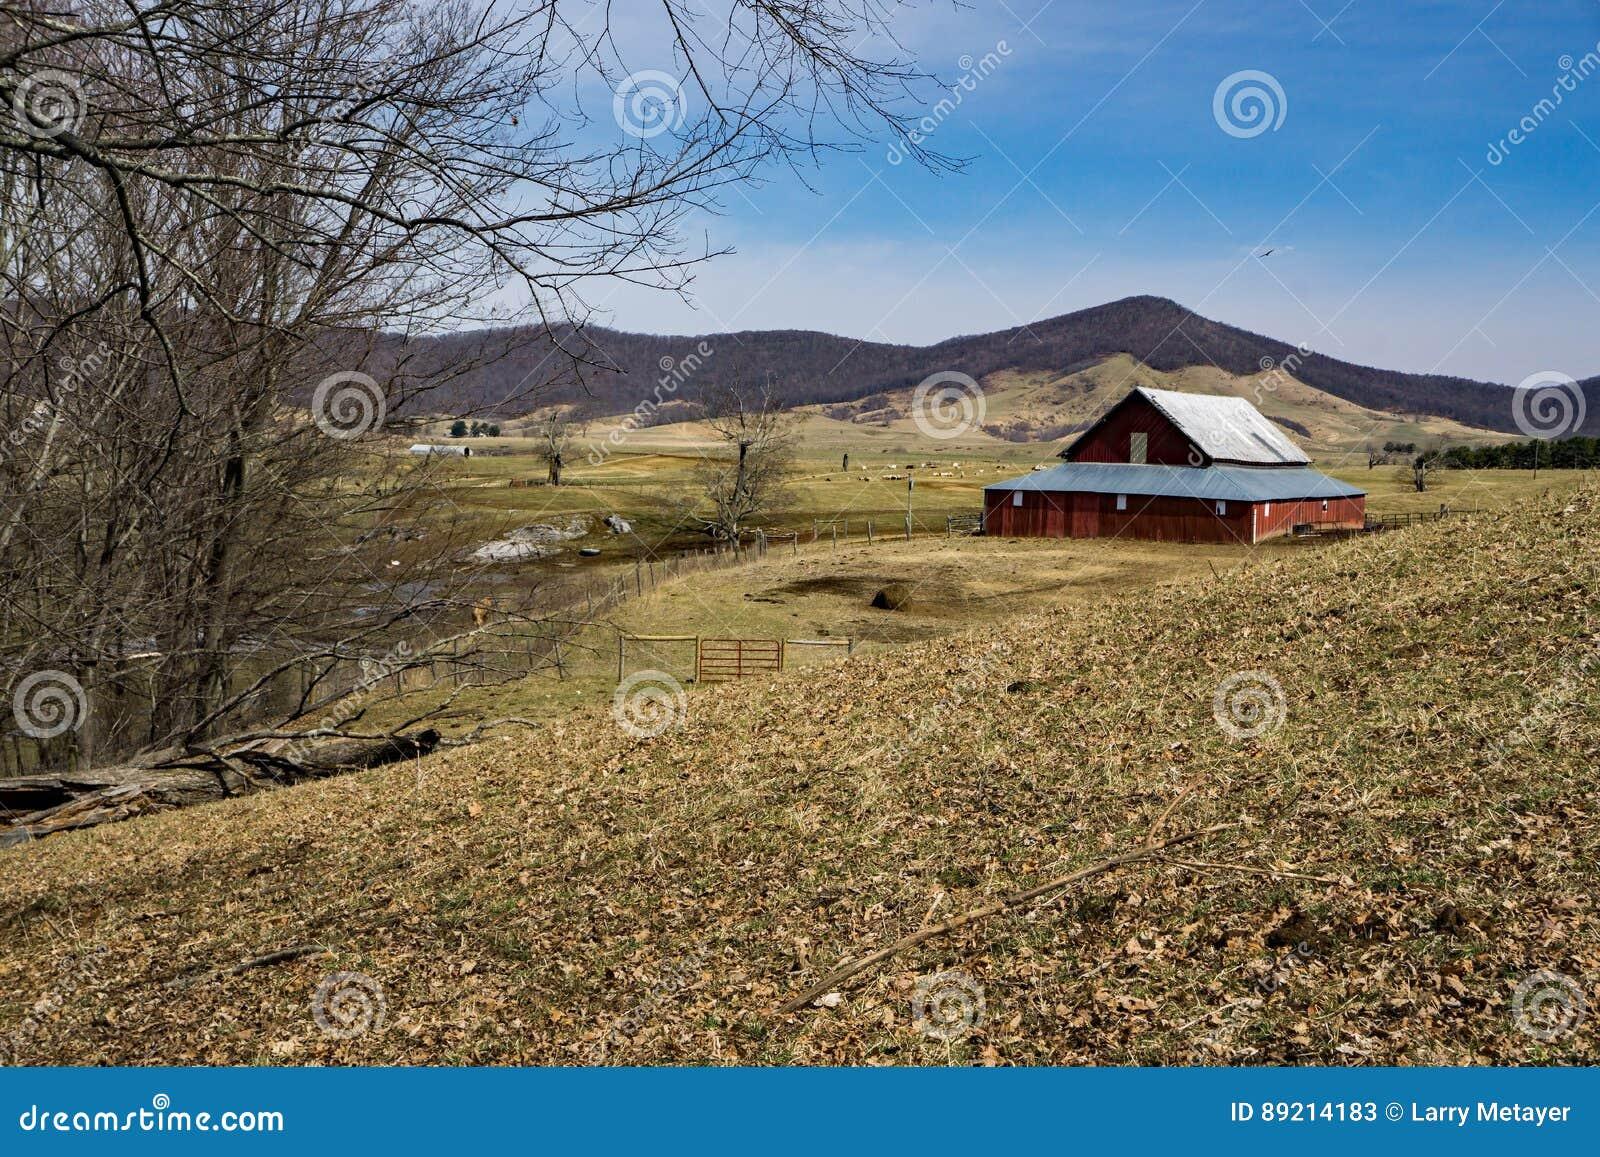 picturesque farm burkes garden virginia usa - Burkes Garden Va